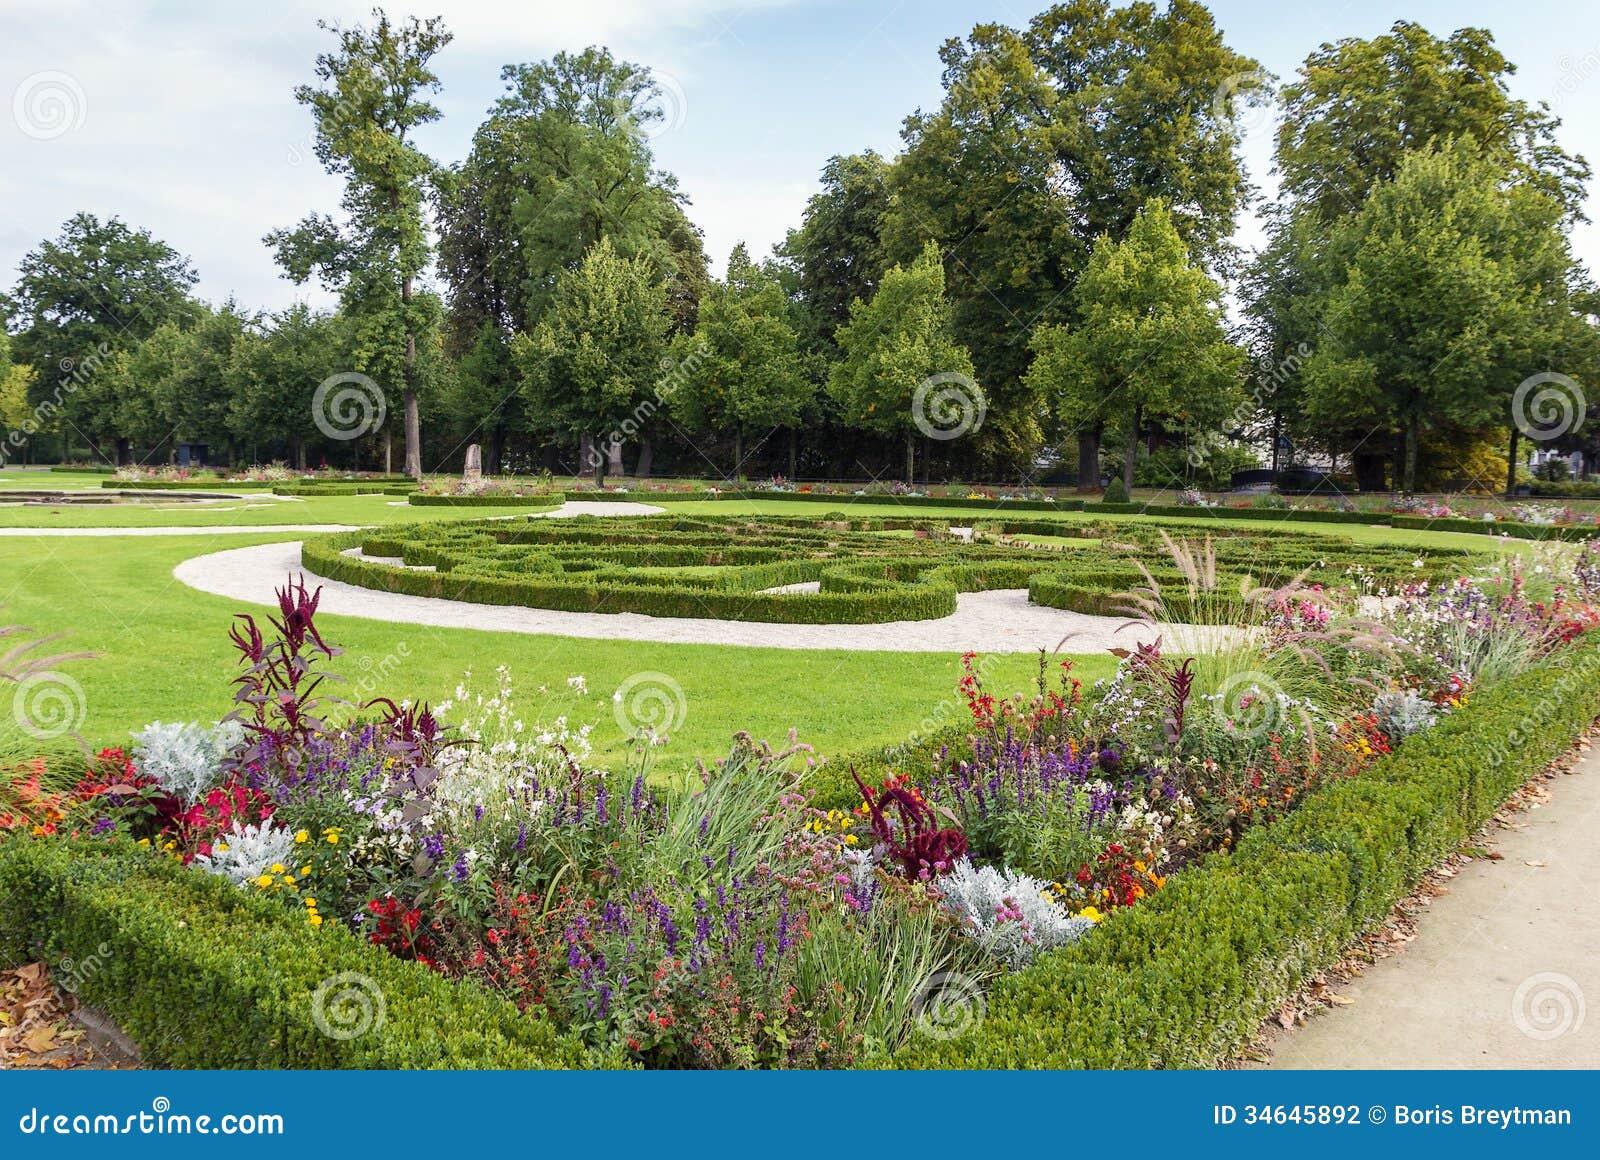 neuhaus kasztelu park w paderborn niemcy zdj cie stock obraz z o onej z drzewa ogr d 34645892. Black Bedroom Furniture Sets. Home Design Ideas